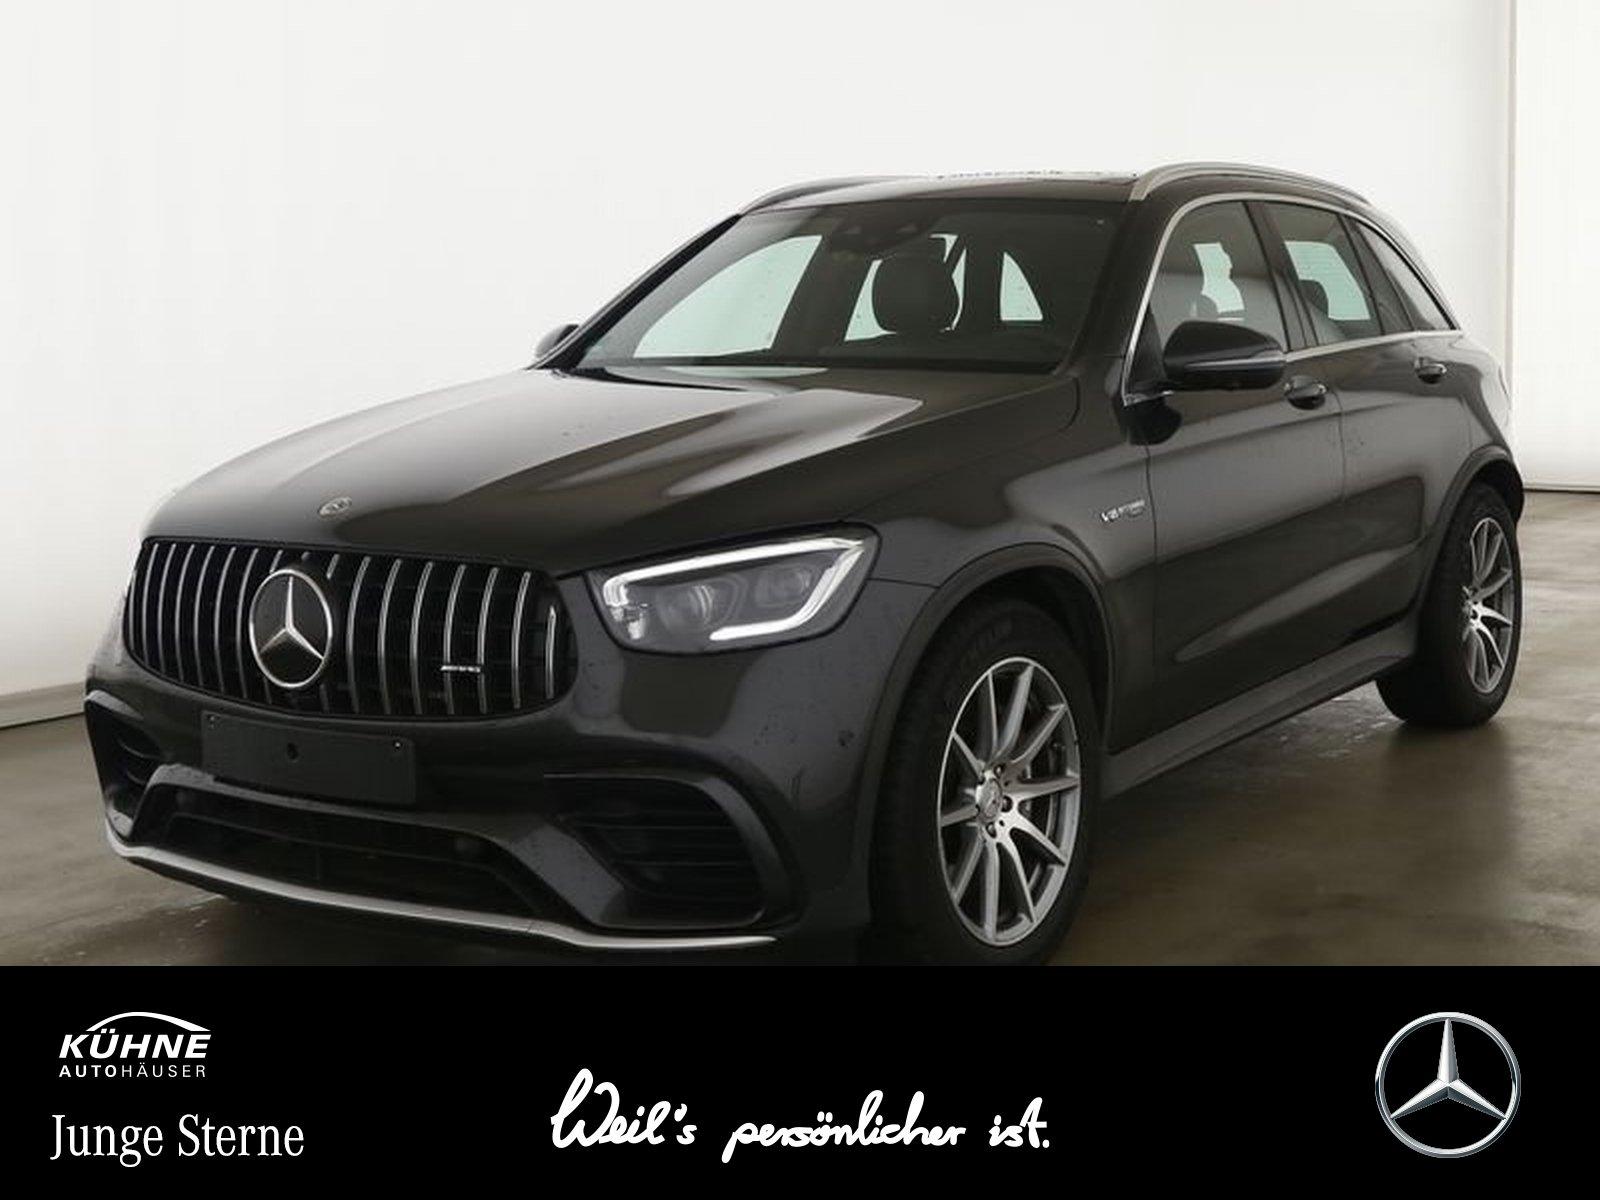 Mercedes-Benz GLC 63 AMG 4M+PerfomanceAbGas+Pano+HighEnd+Ambie, Jahr 2019, Benzin